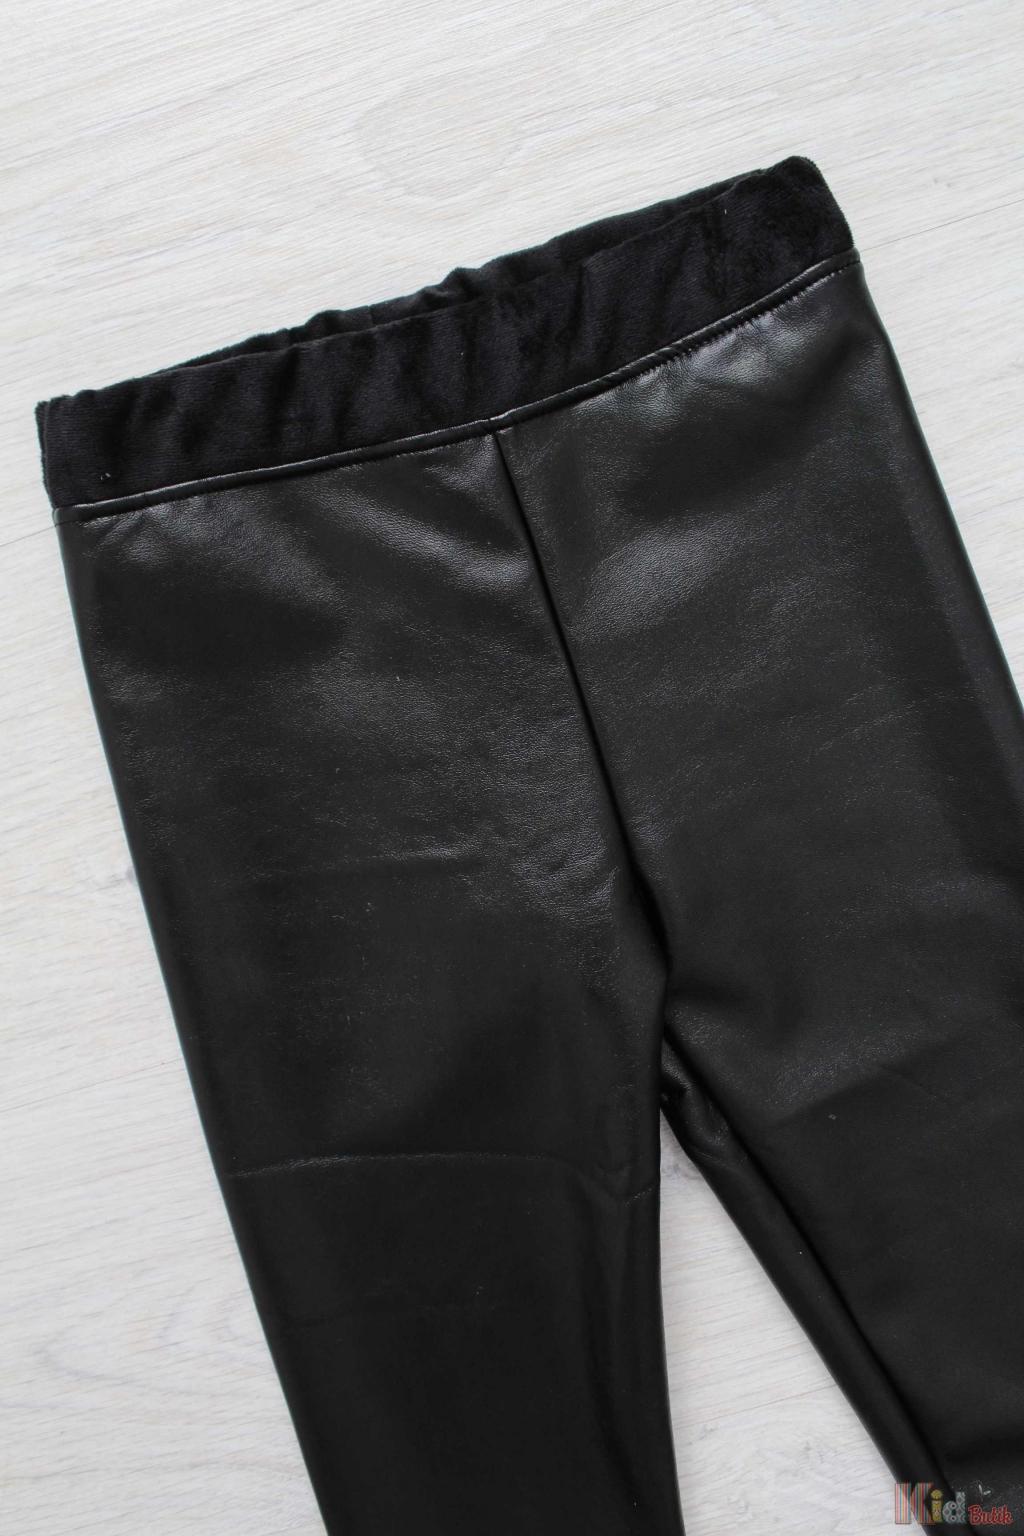 ᐈ Лосини чорні під еко шкіру Unsea 8690000063529 купити в KidButik ... cc559df53c674